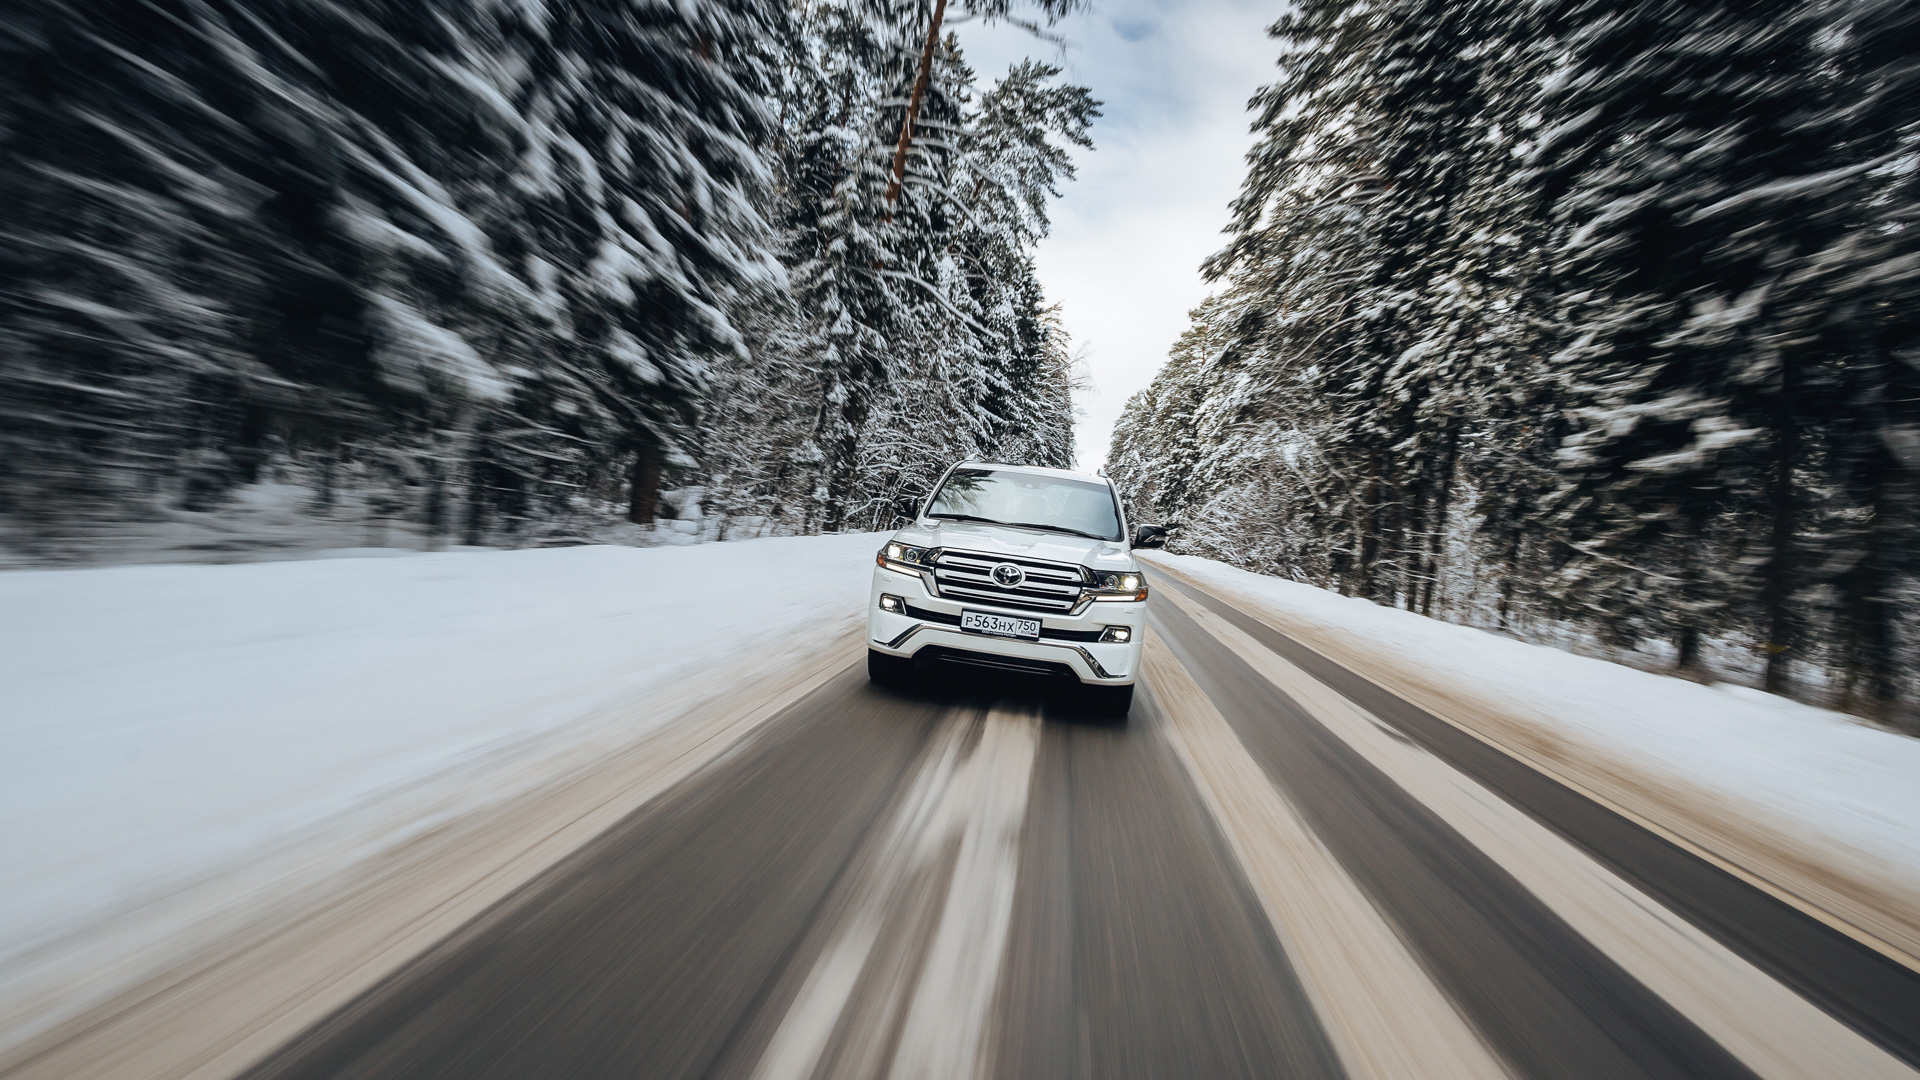 Вседорожный автомобиль Тойота Land Cruiser разогнали до370 км/ч